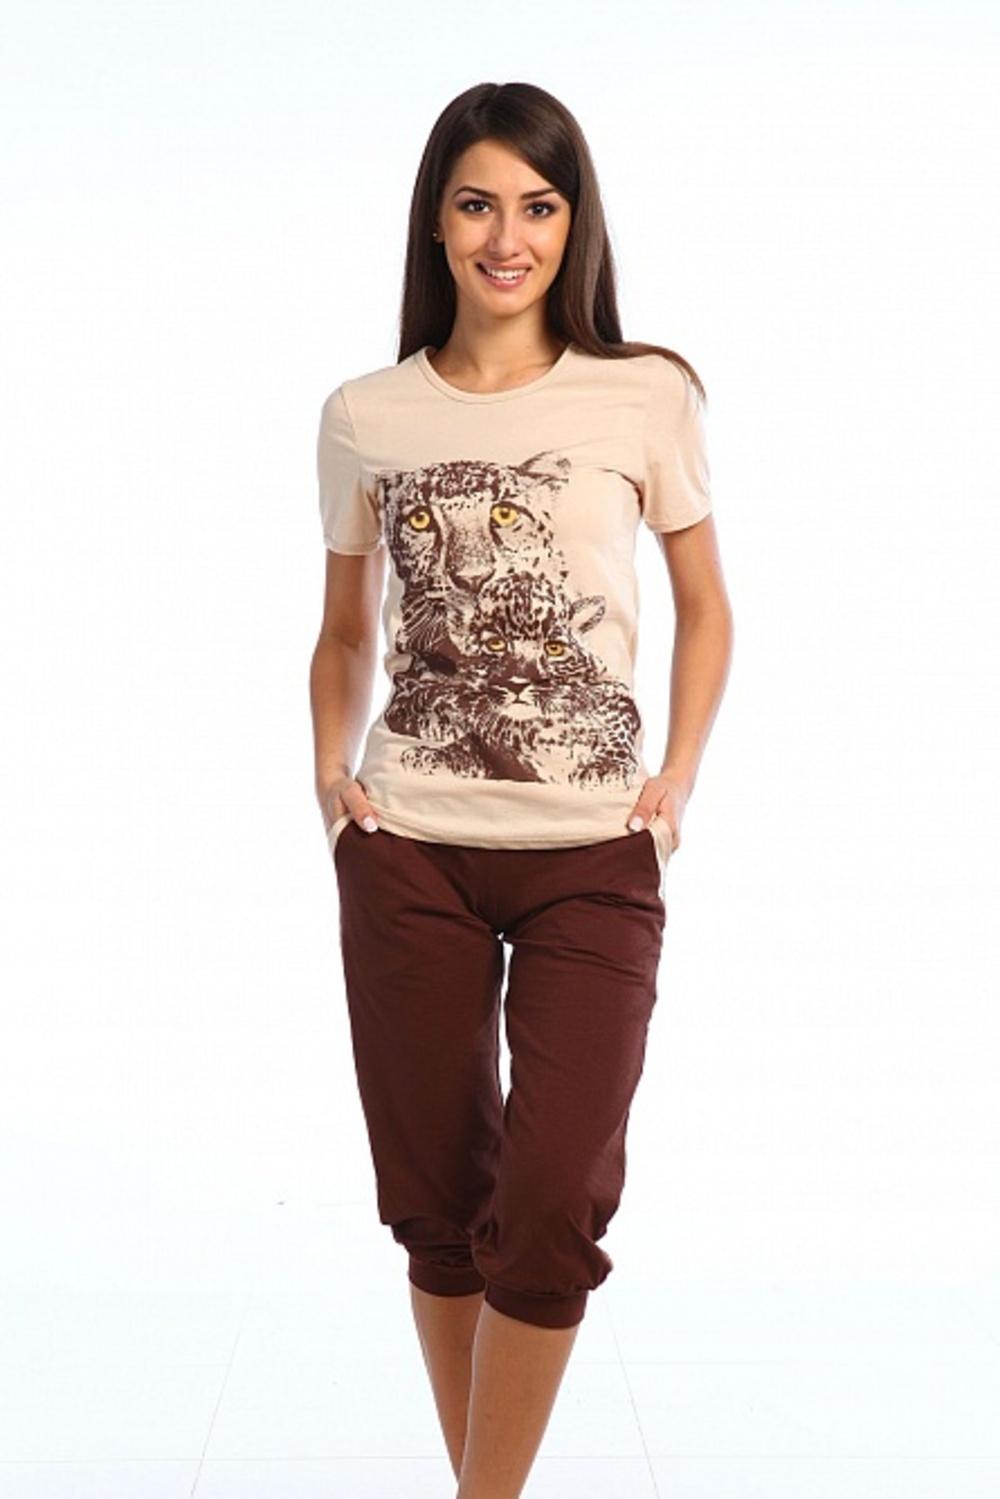 Комплект женский Леопард футболка и бриджиДомашние комплекты, костюмы<br><br><br>Размер: 48